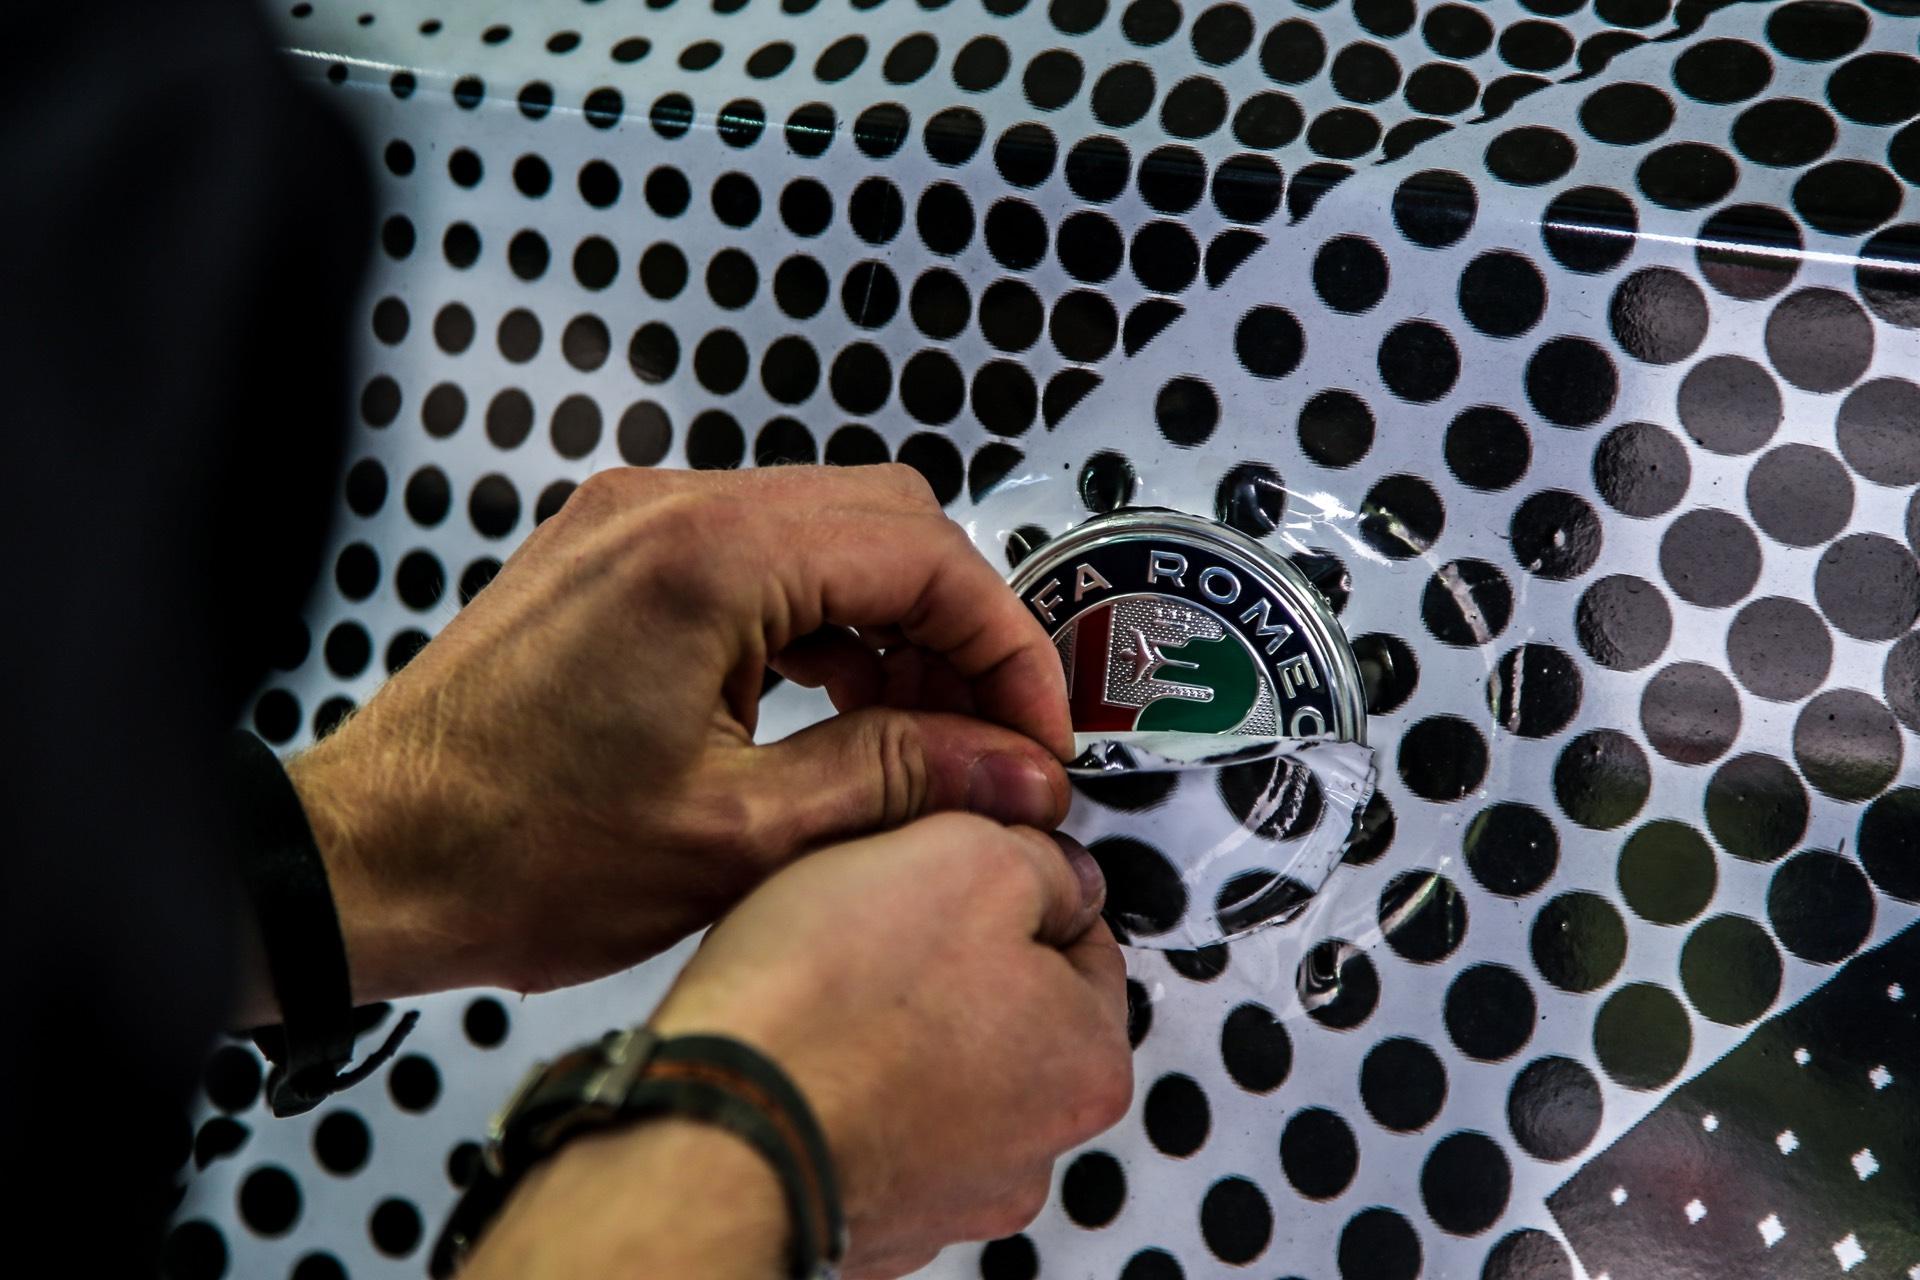 С Giulia QV Alfa Romeo получил звание самого быстрого четырехдверного серийного автомобиля с ошеломляющим временем 7:32.